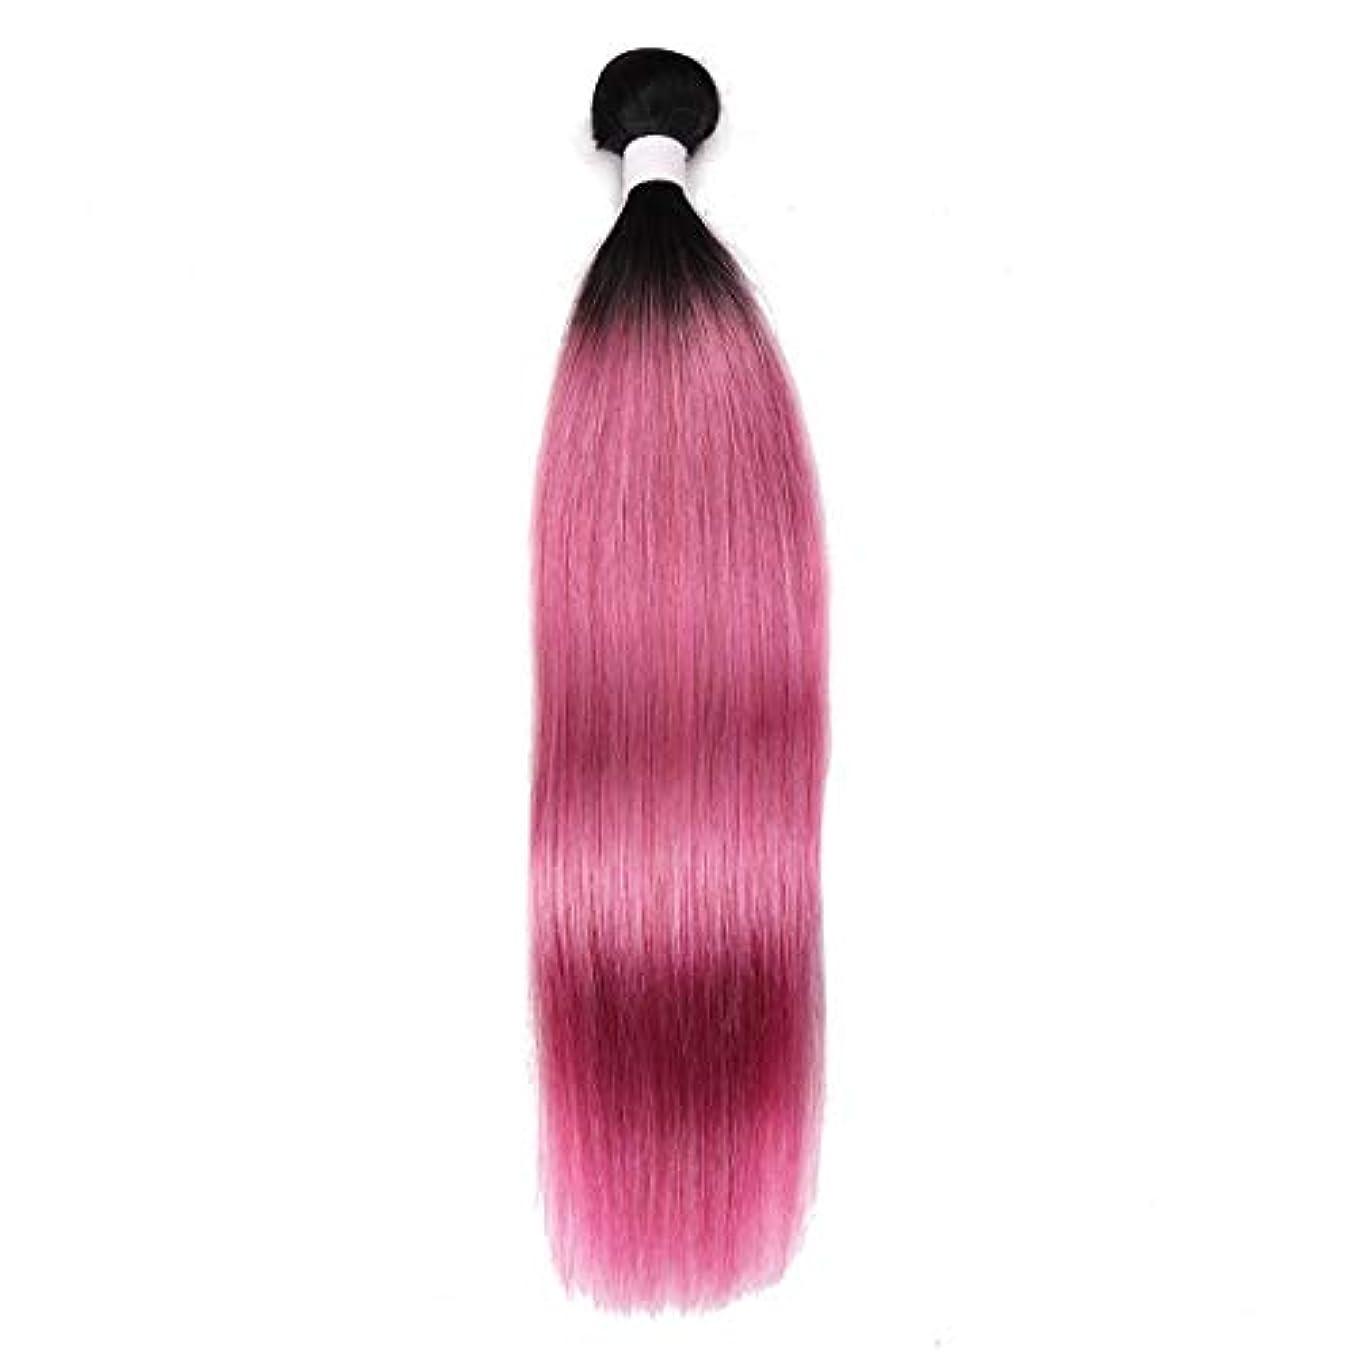 採用ルーキー義務づけるJIANFU ウィッグ ローズパウダー ストレートヘア カーテン 軽量 インディアン長髪 10?18インチ レディースかつら (サイズ : 12inch)